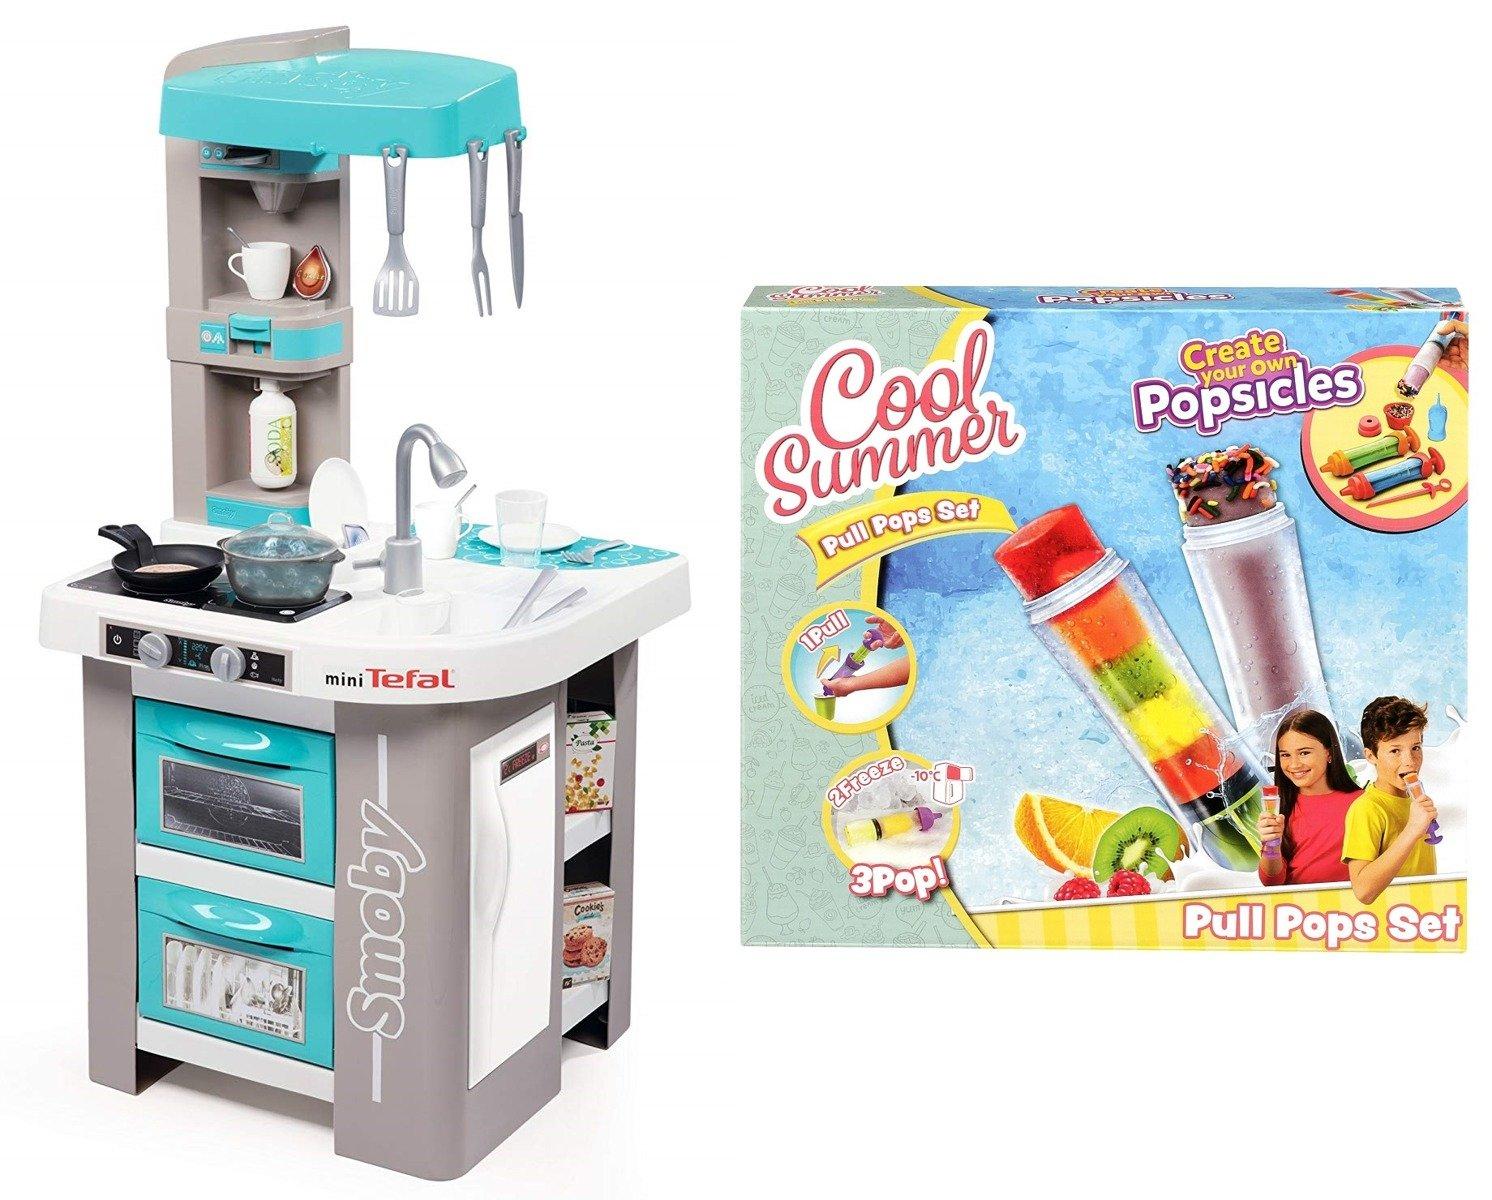 Kuchnia Dla Dzieci Mini Tefal Studio Bubble Smoby Zestaw Do Robienia Lodów Pull Pops